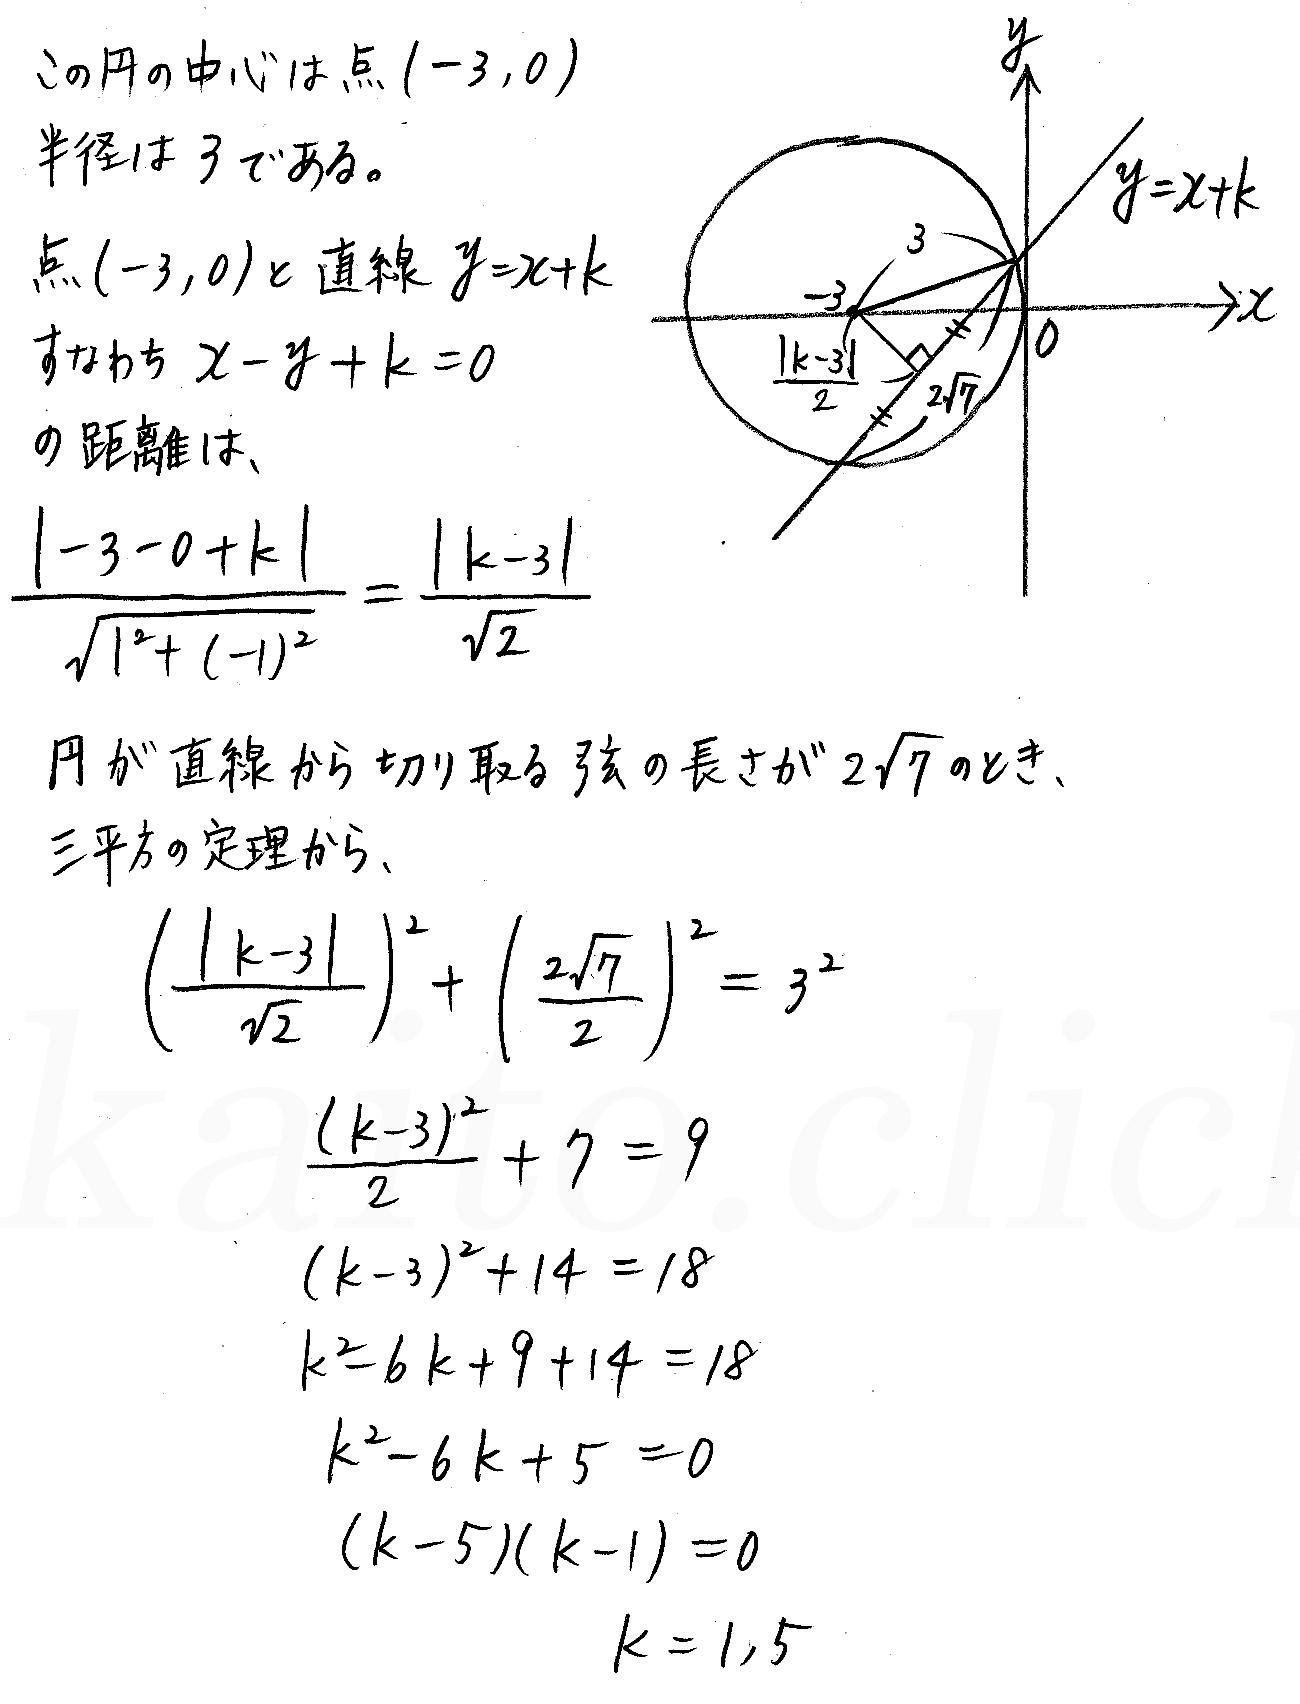 クリアー数学2-201解答